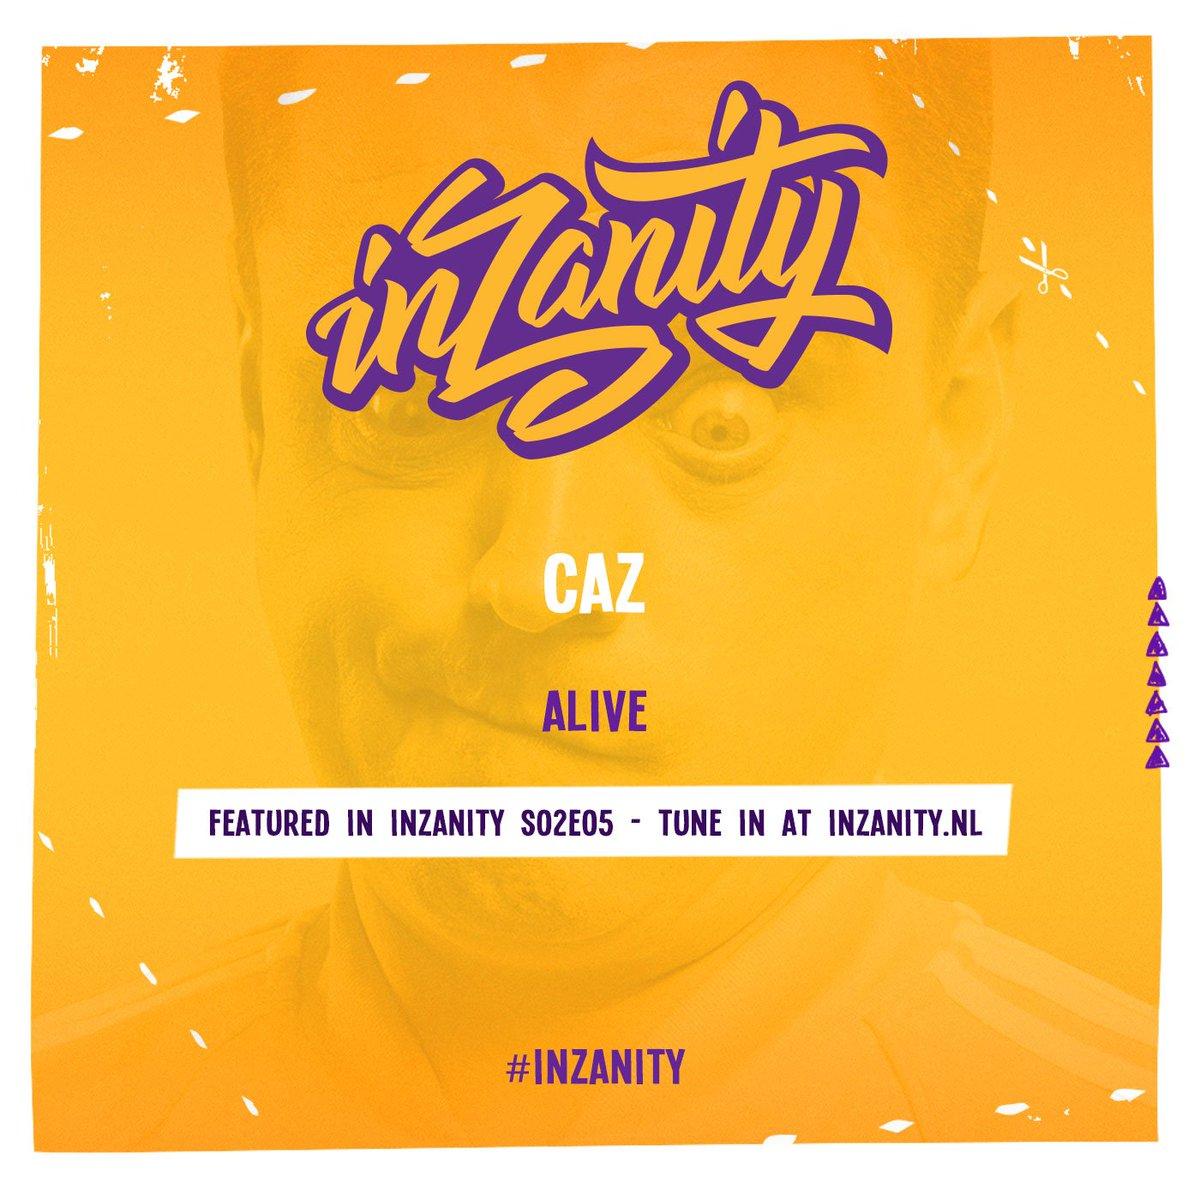 #NP @DJ__CaZ - Alive #inZanity #QDRadio https://t.co/F8zHZkCTnx